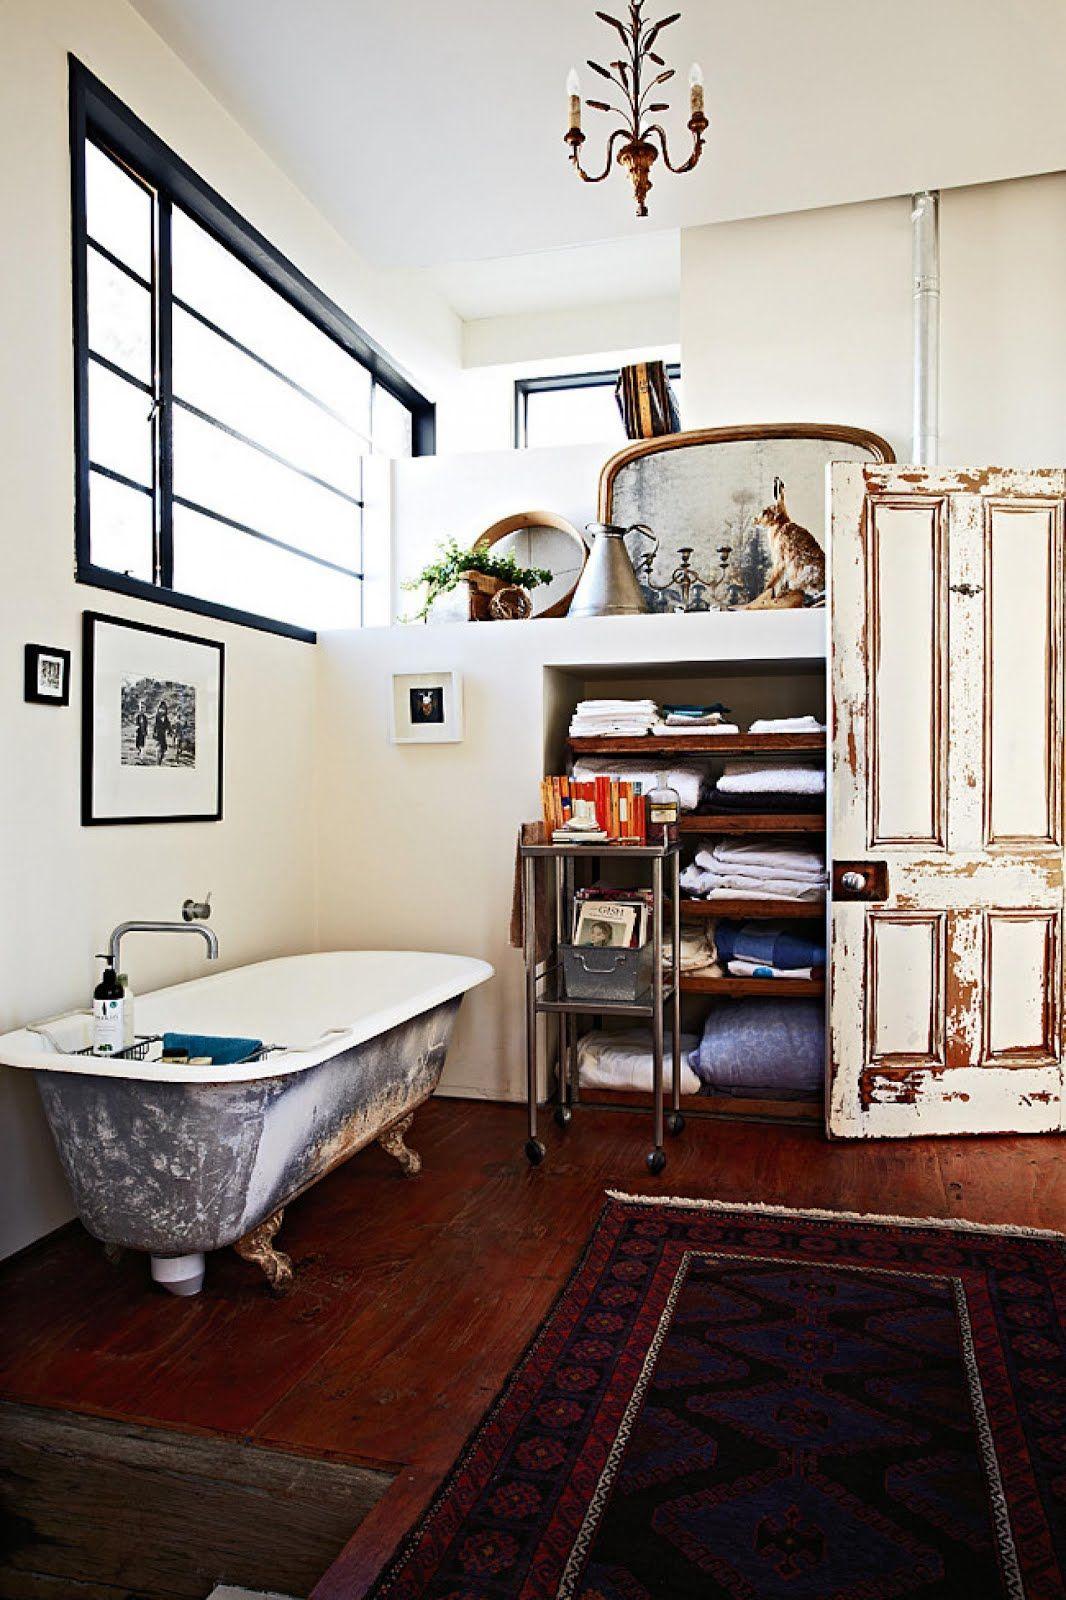 House Envy Adriane Strampp's Inner City Loft and